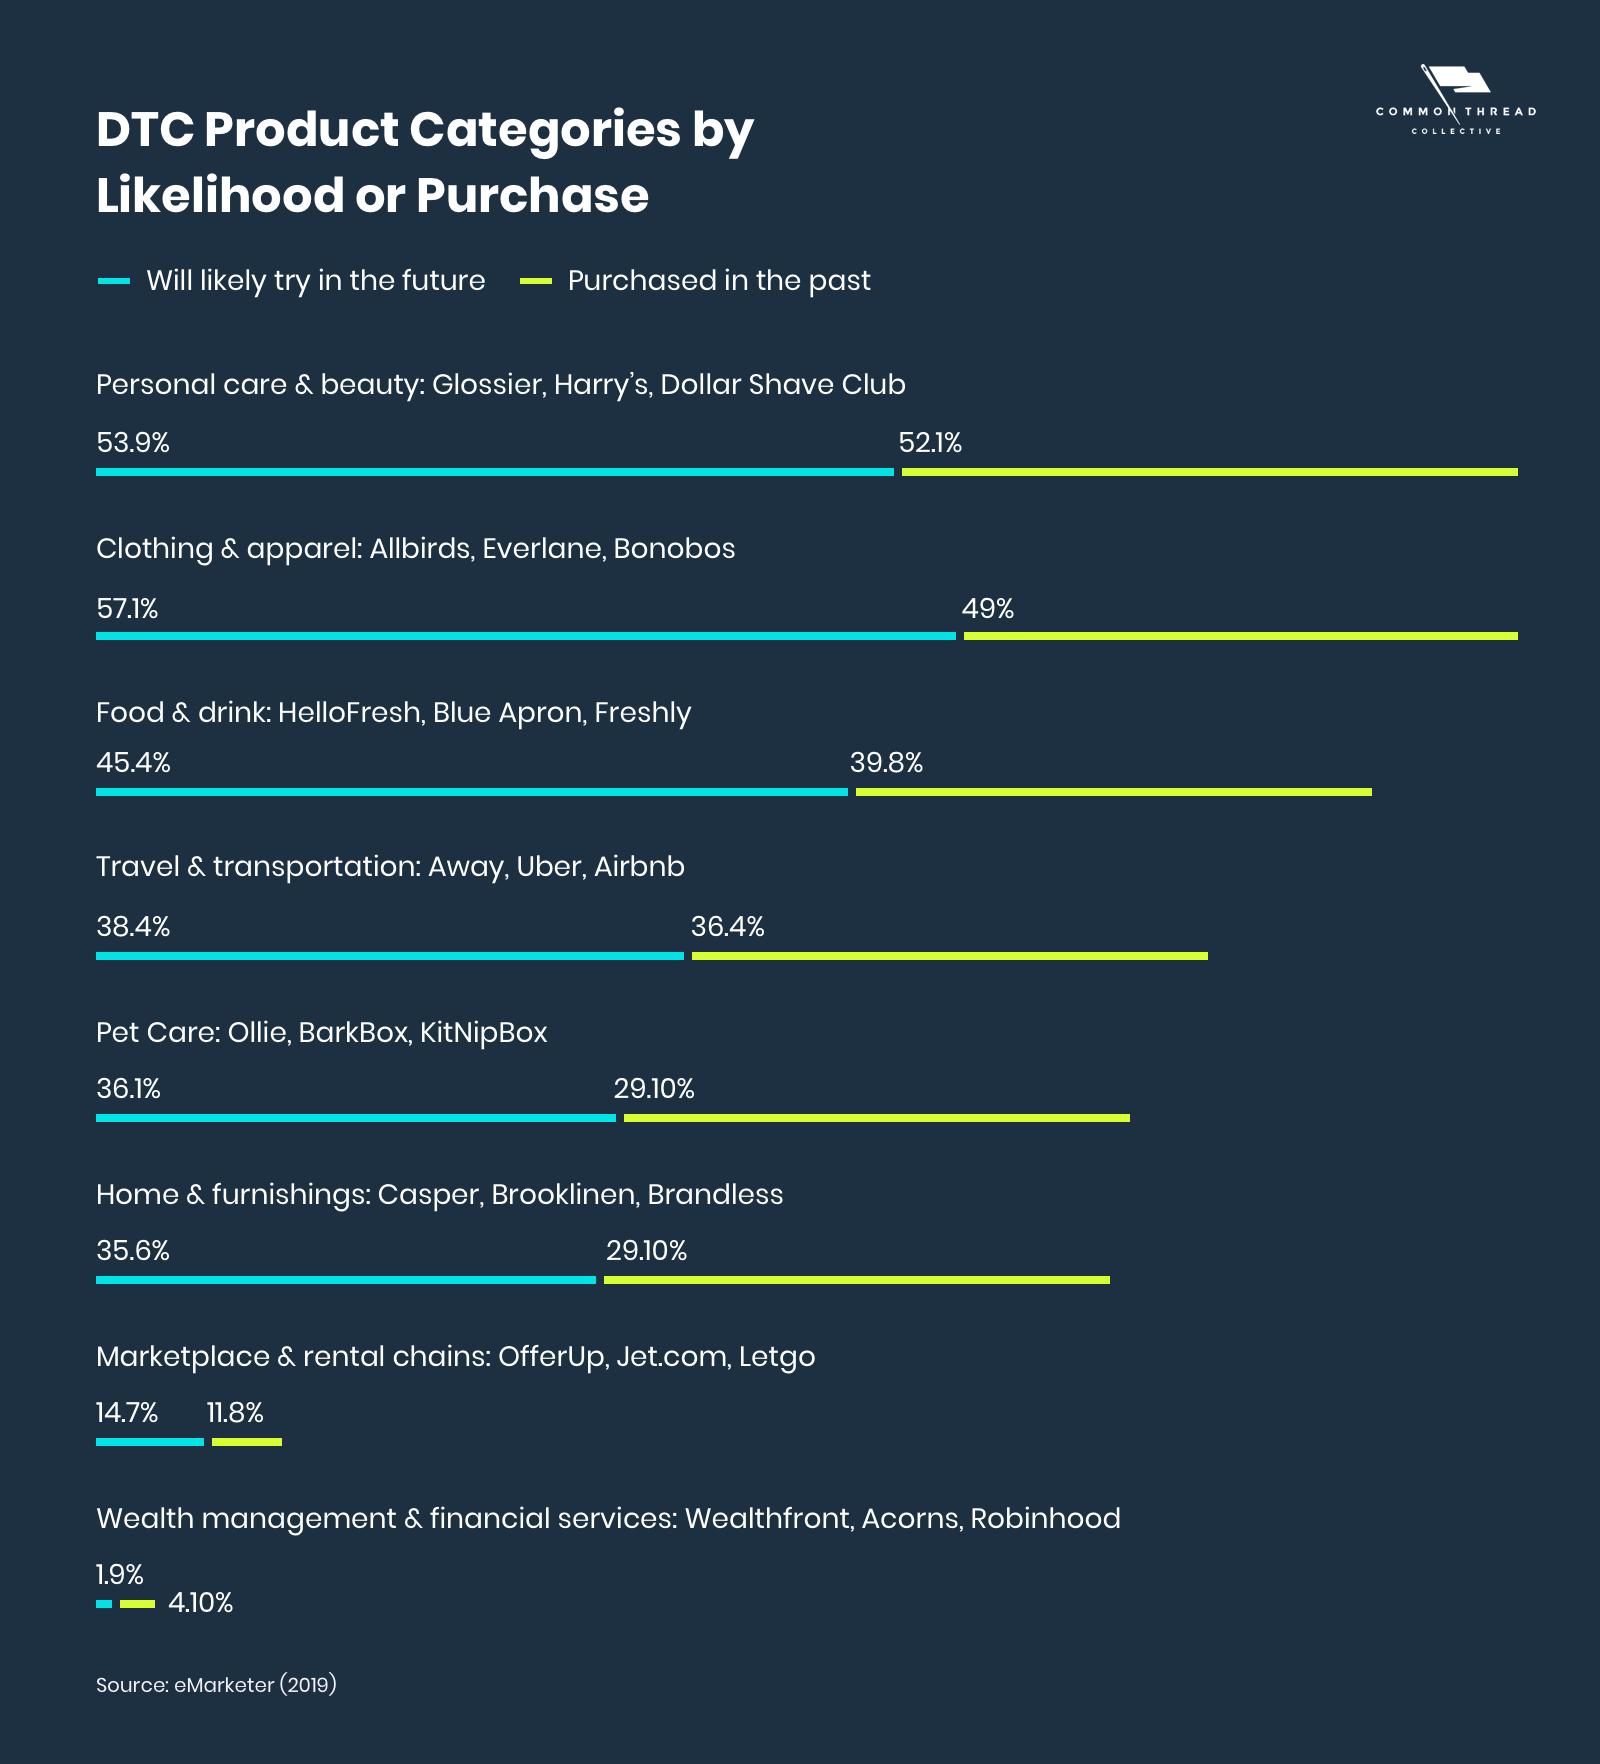 В даний час більше половини користувачів Інтернету в США вже купували у DTC бренди засобів особистої гігієни і косметики в минулому